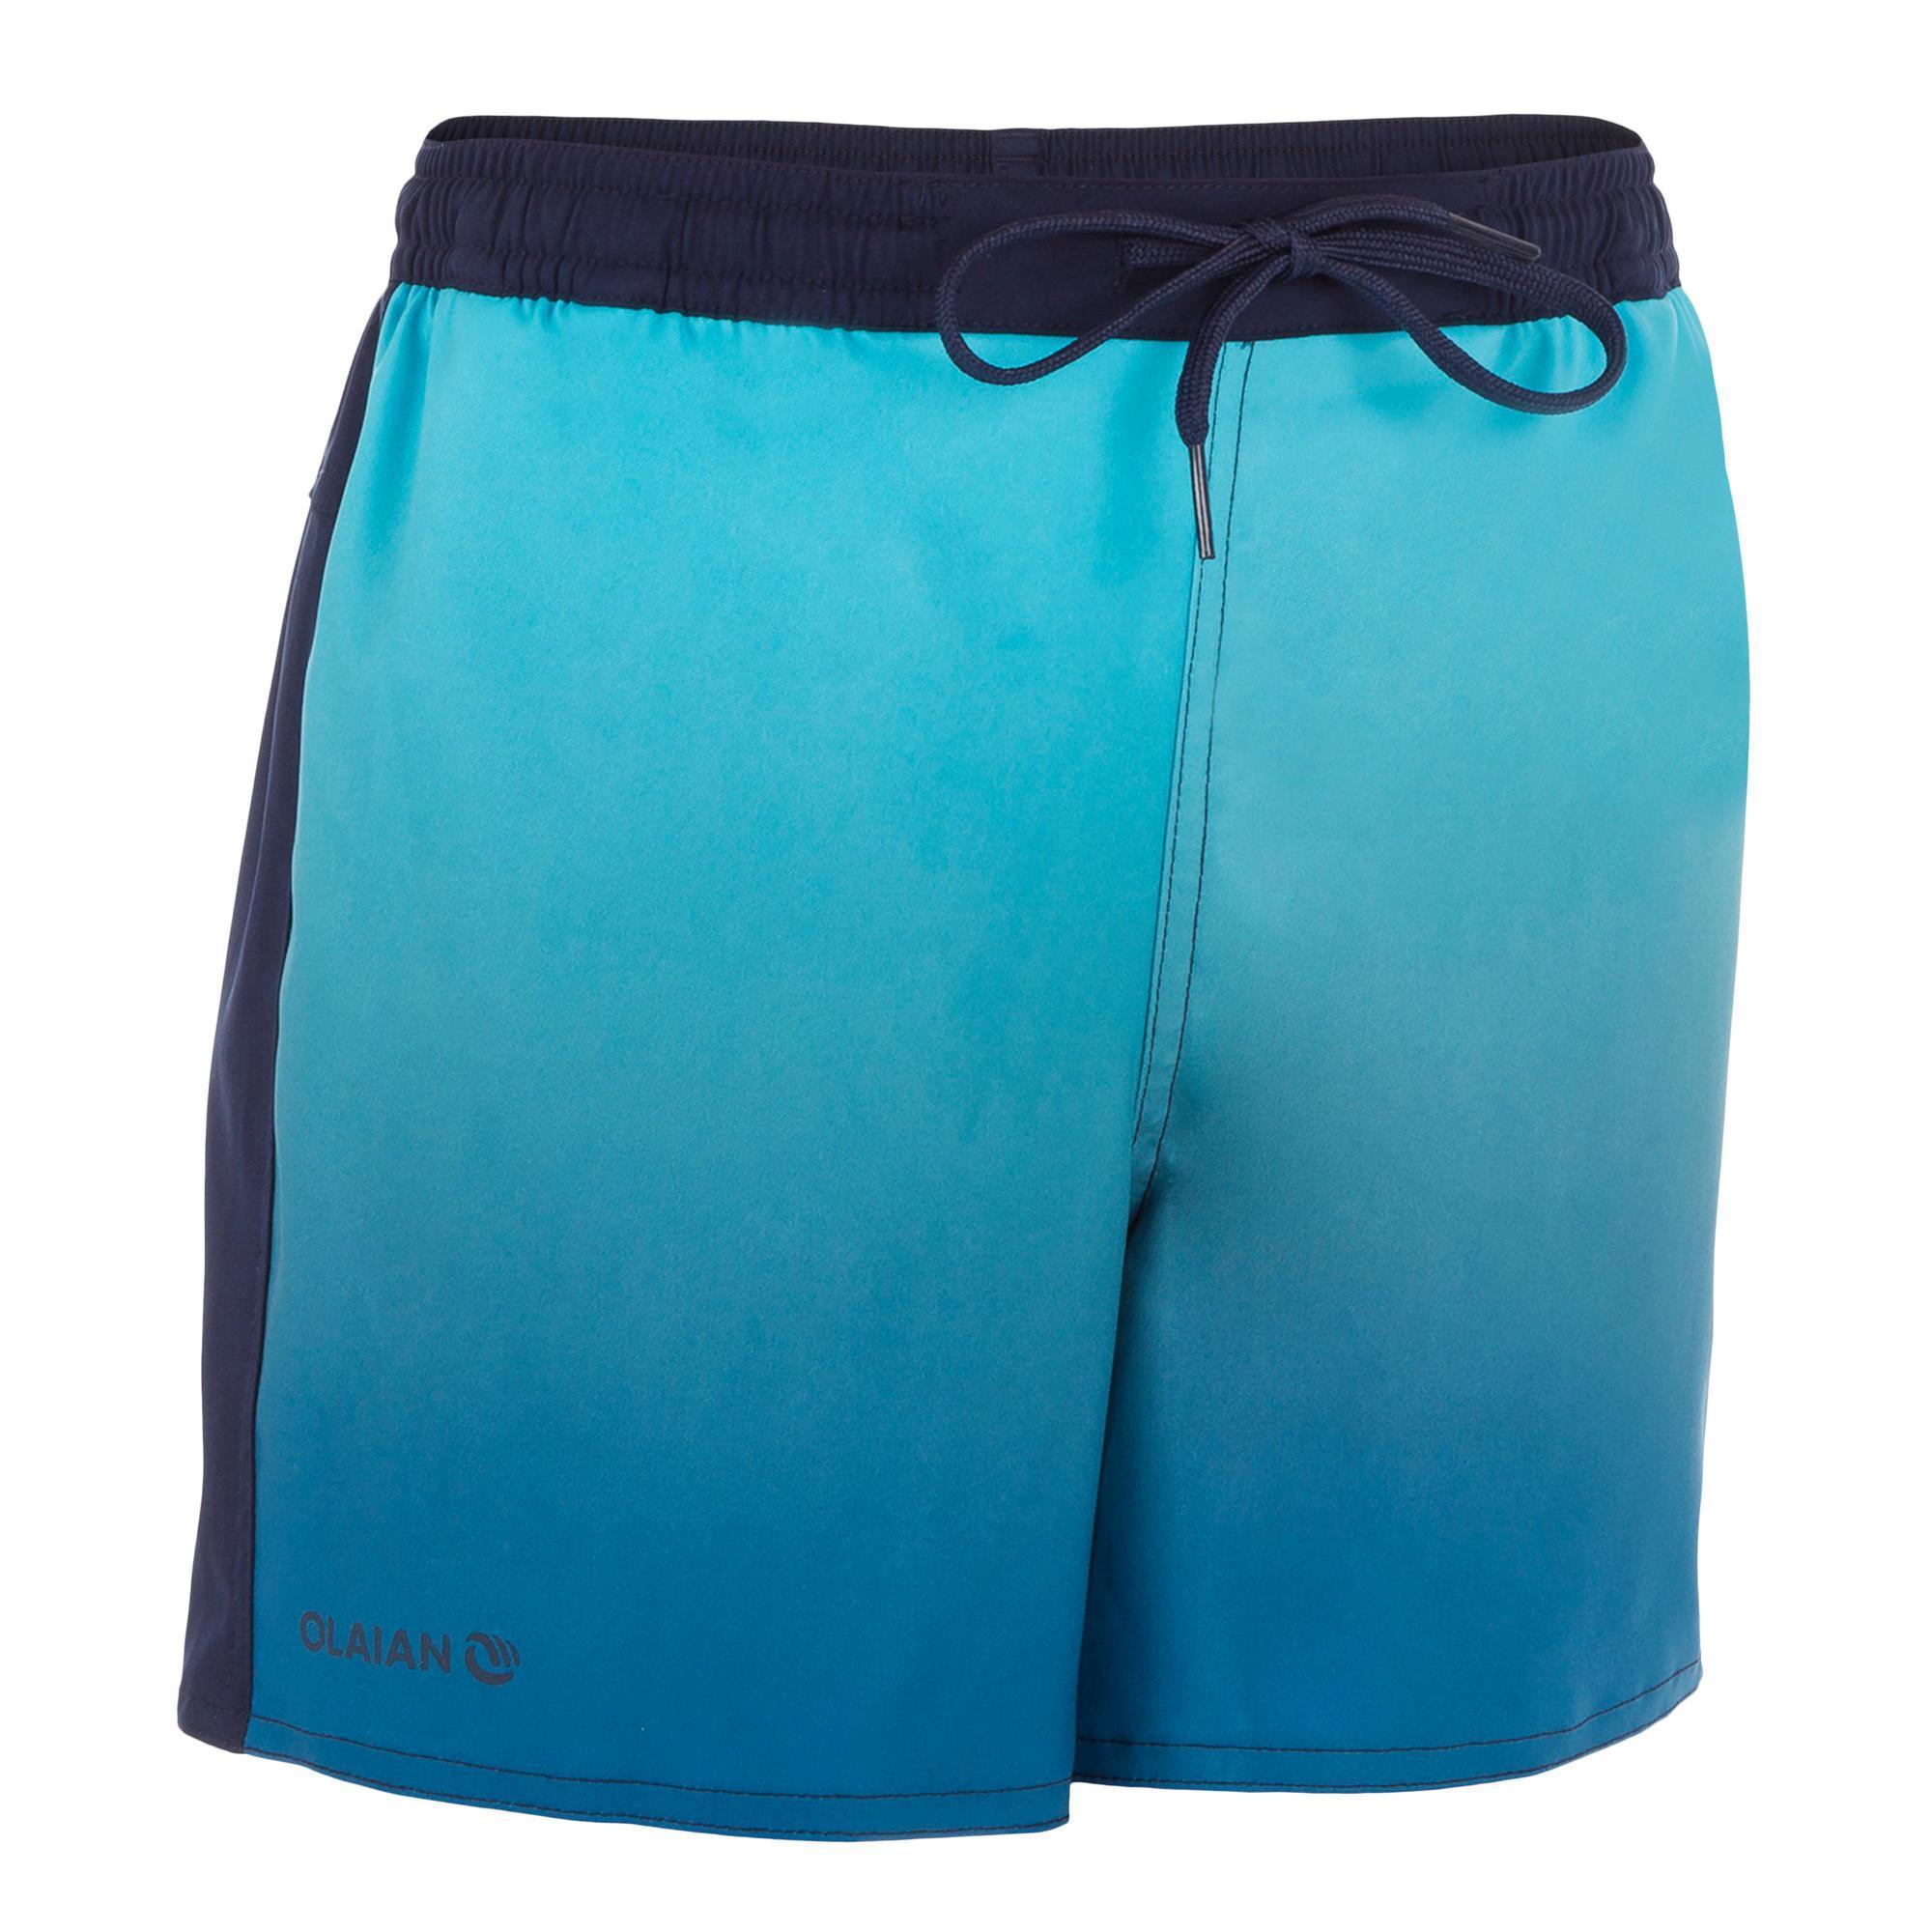 Jungen,Kinder,Kinder Kurze Boardshorts Surfen 500 Kid Sunset Kinder blau | 03608459589304